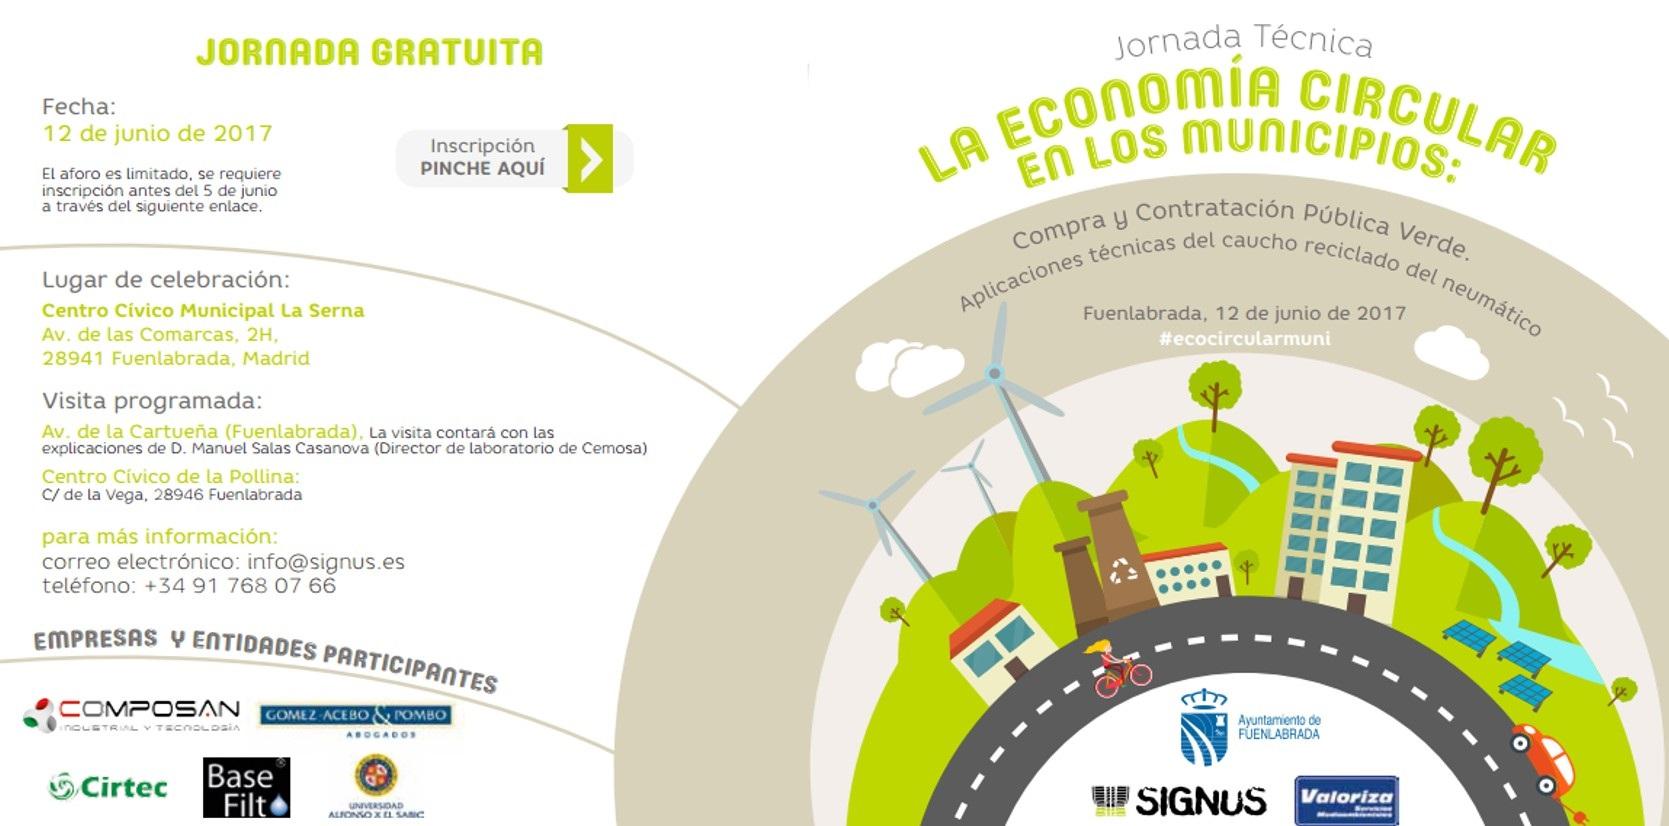 Fuenlabrada Circular Economy RARx